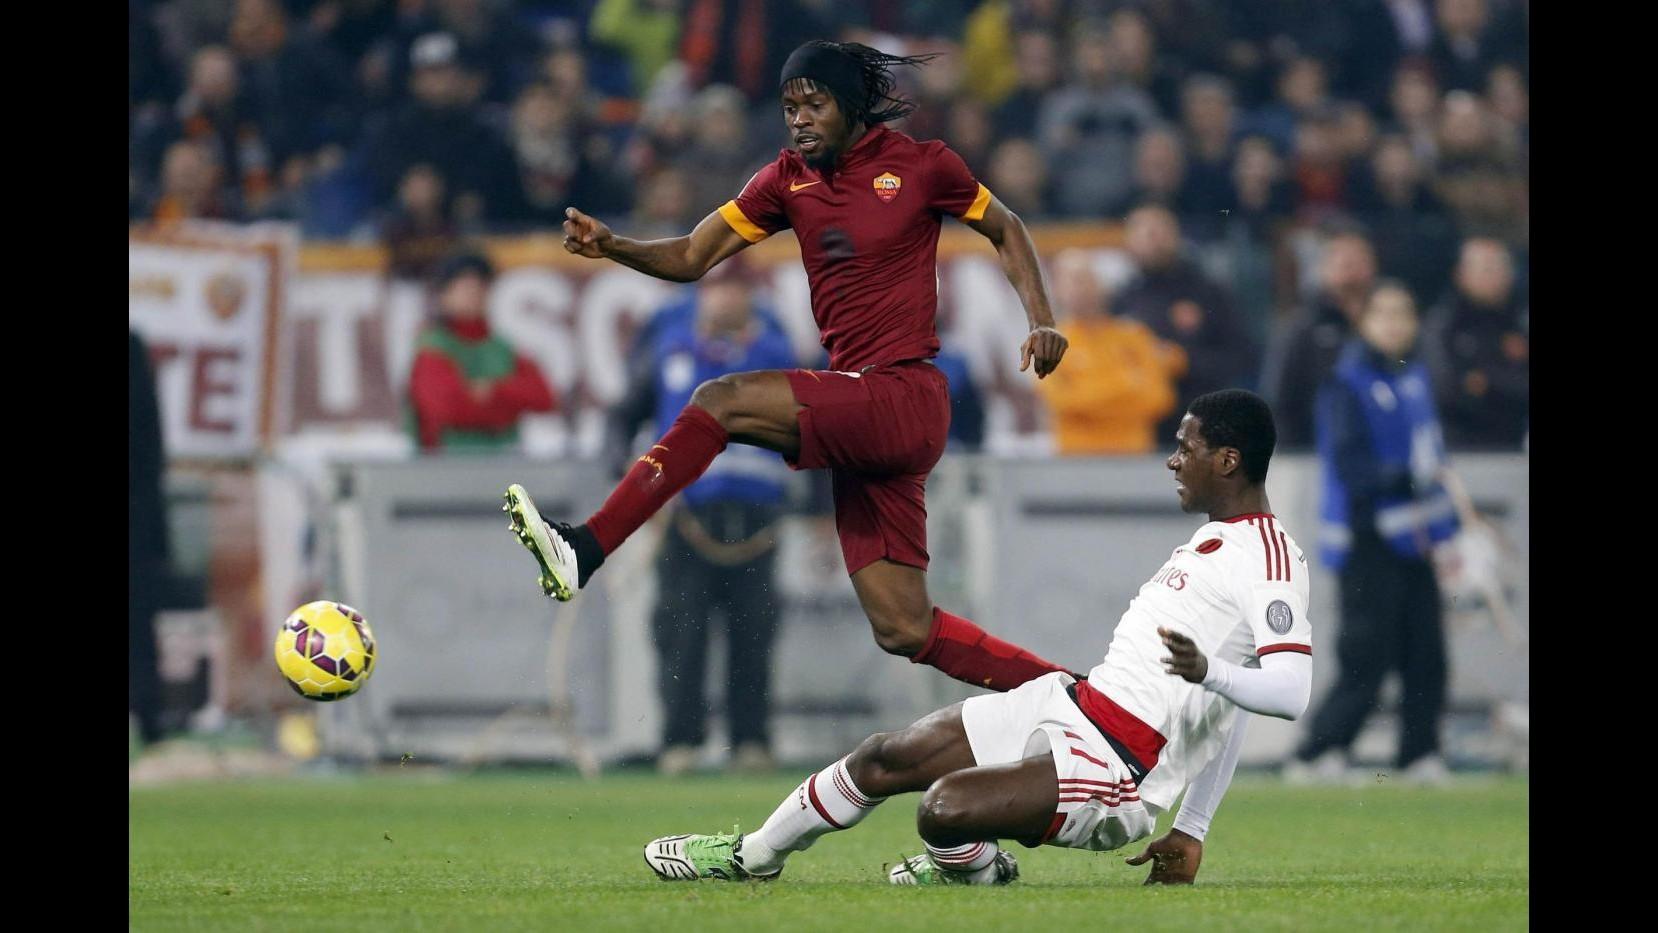 Milan perde Zapata: il difensore ko per un'infrazione ossea al piede destro